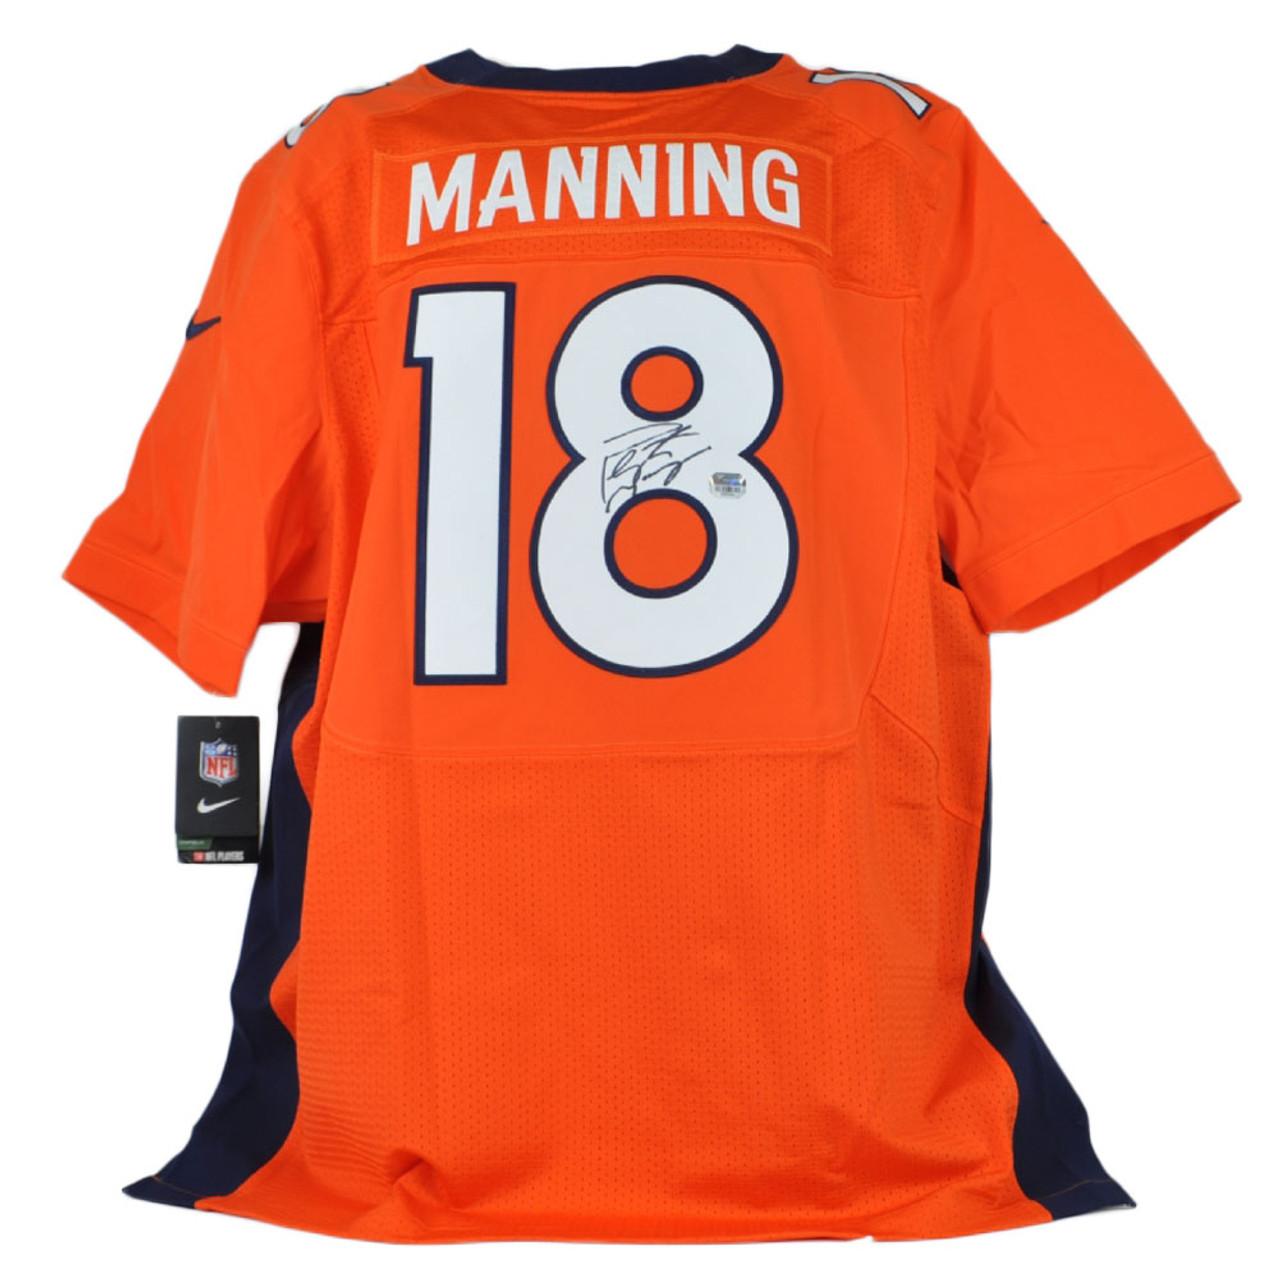 NFL Denver Broncos Peyton Manning #18 Signed XL Orange Jersey Autograph Nike